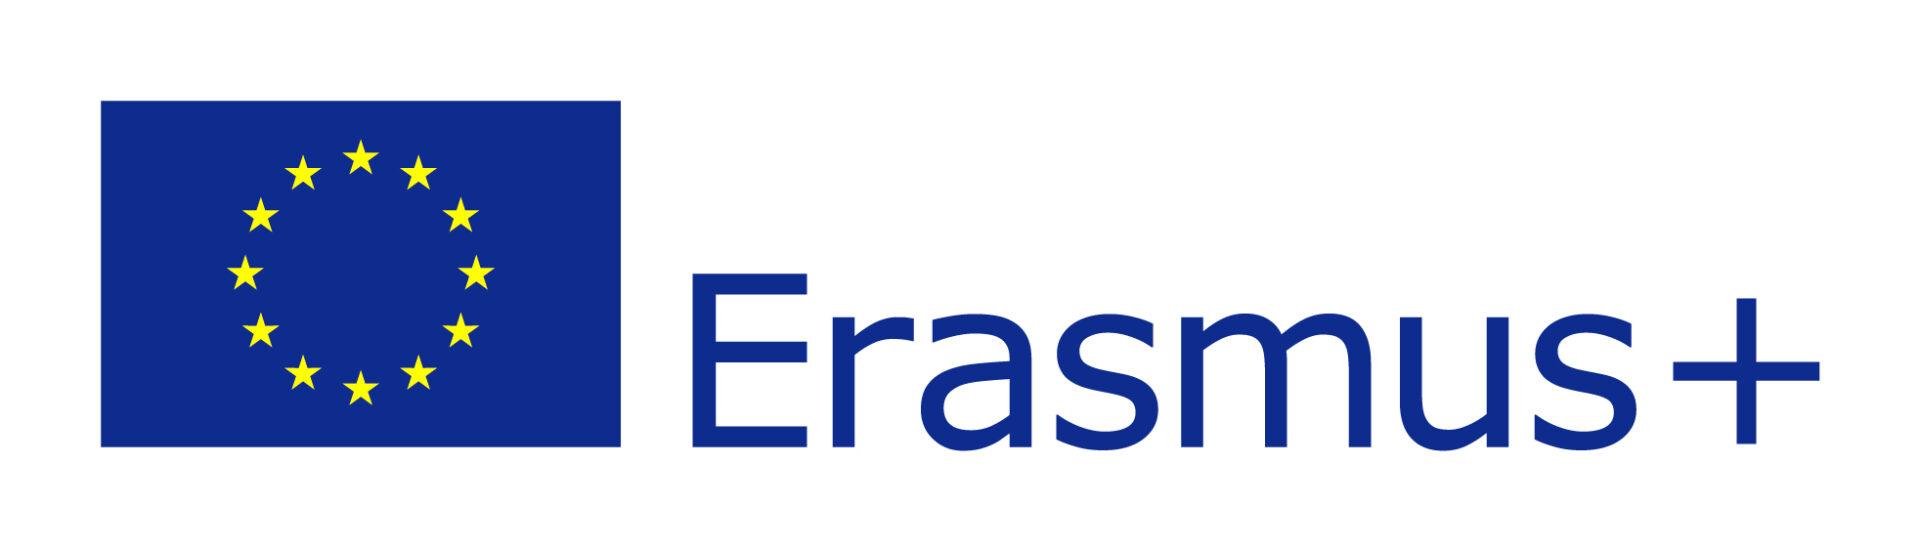 Facebook'owy Konkurs o Wolontariacie Europejskim oraz programie Erasmus+